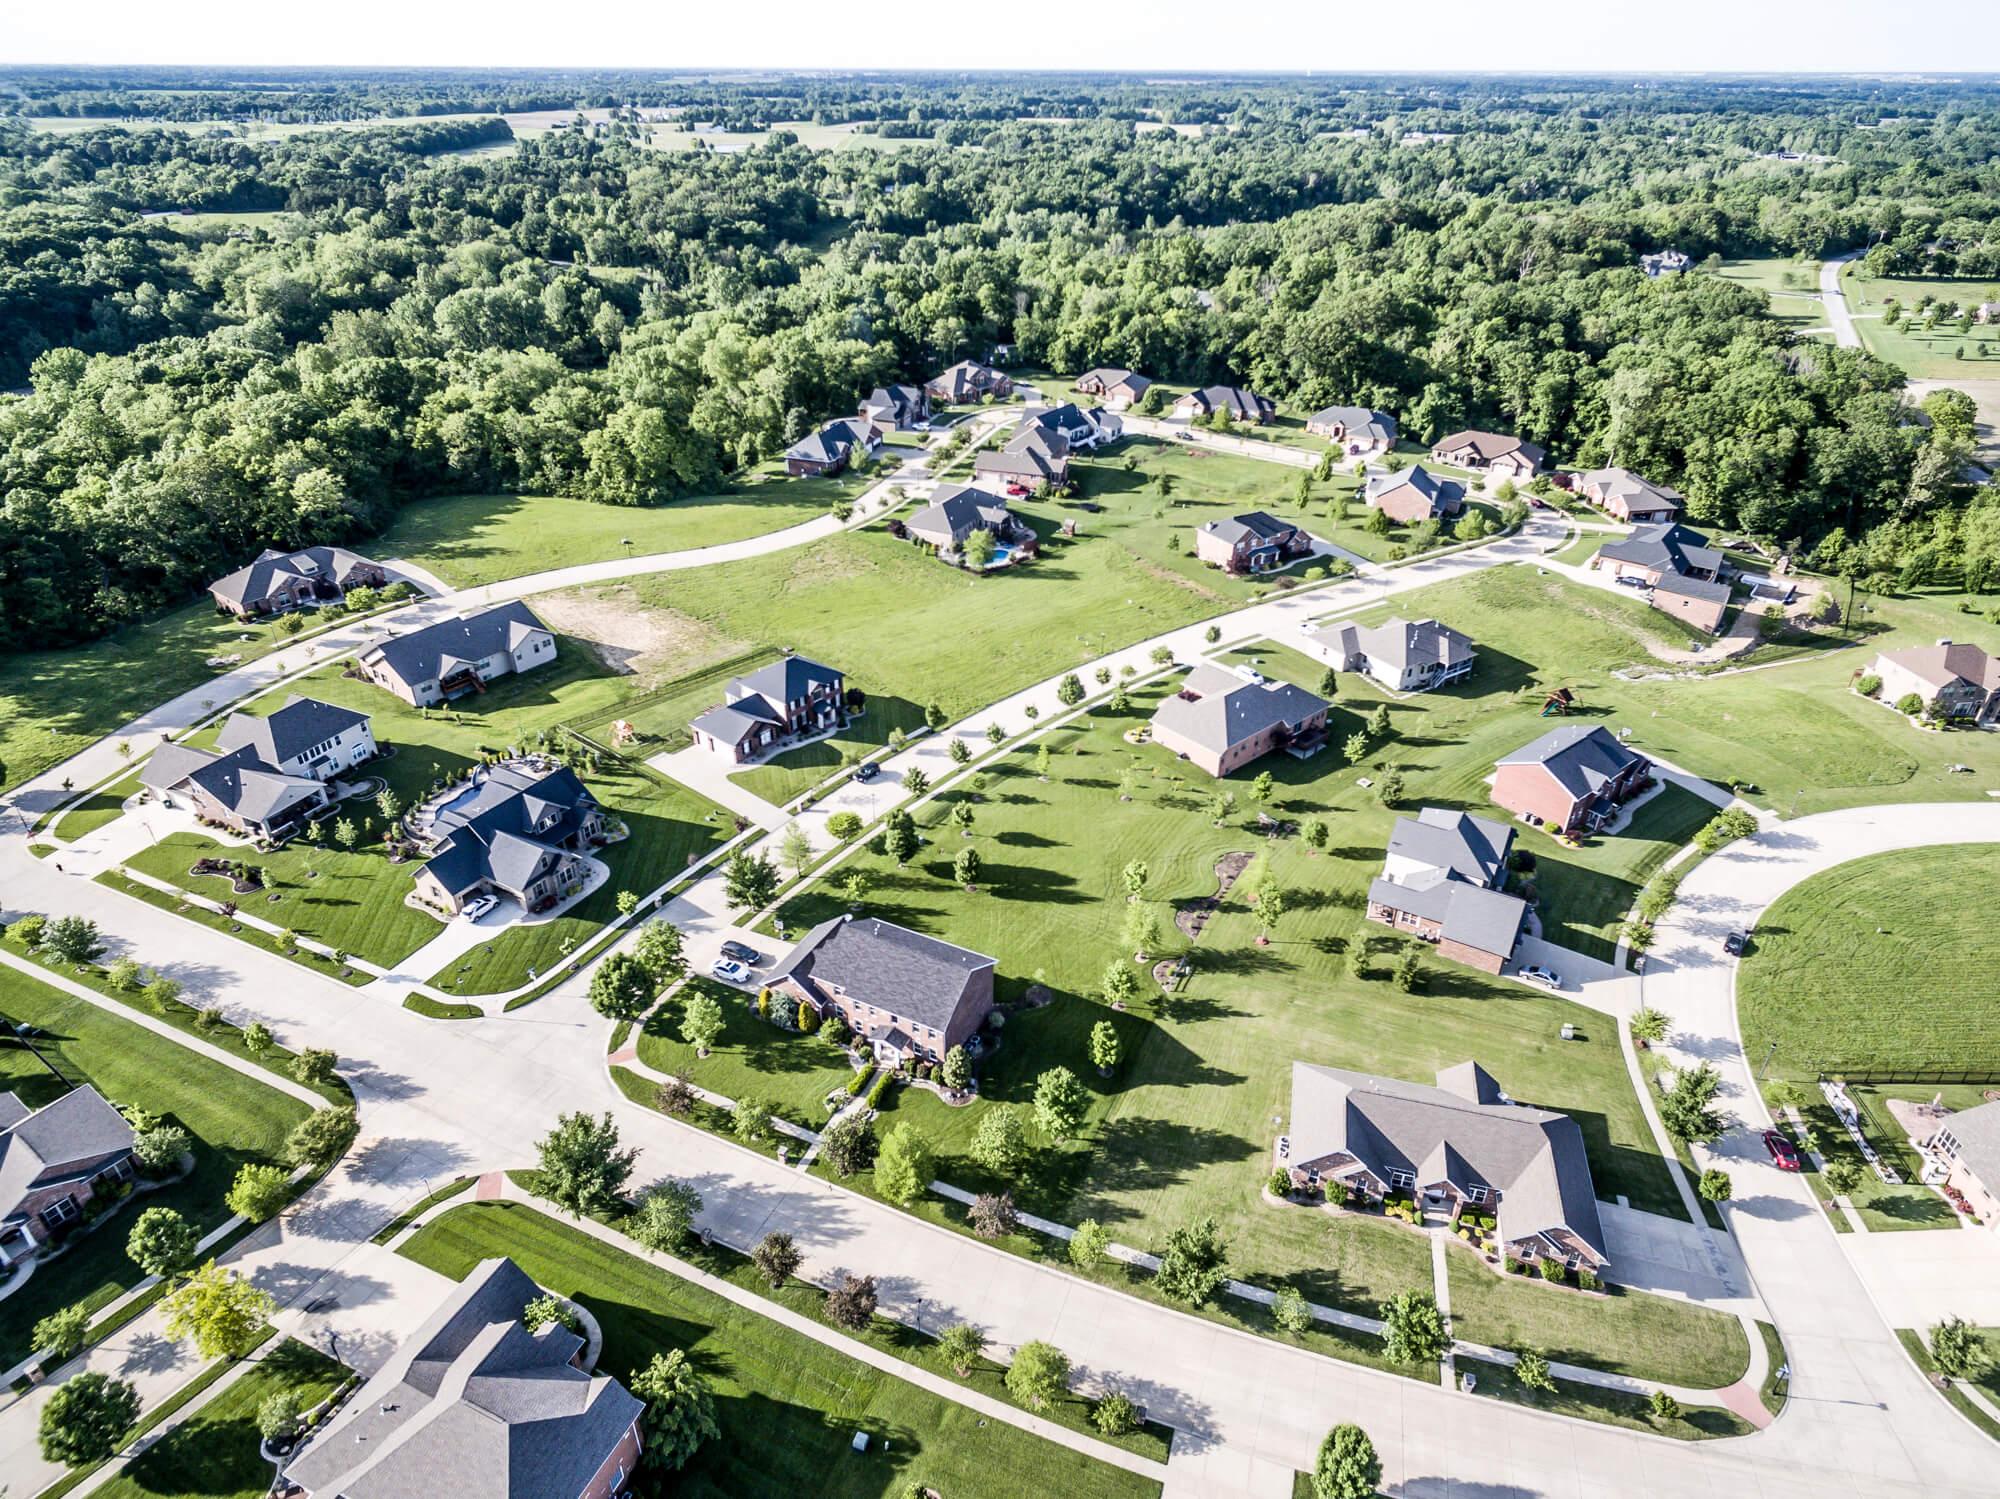 Cobblestone_Ridge_O'Fallon_Illinois_Aerials_1-4.jpg